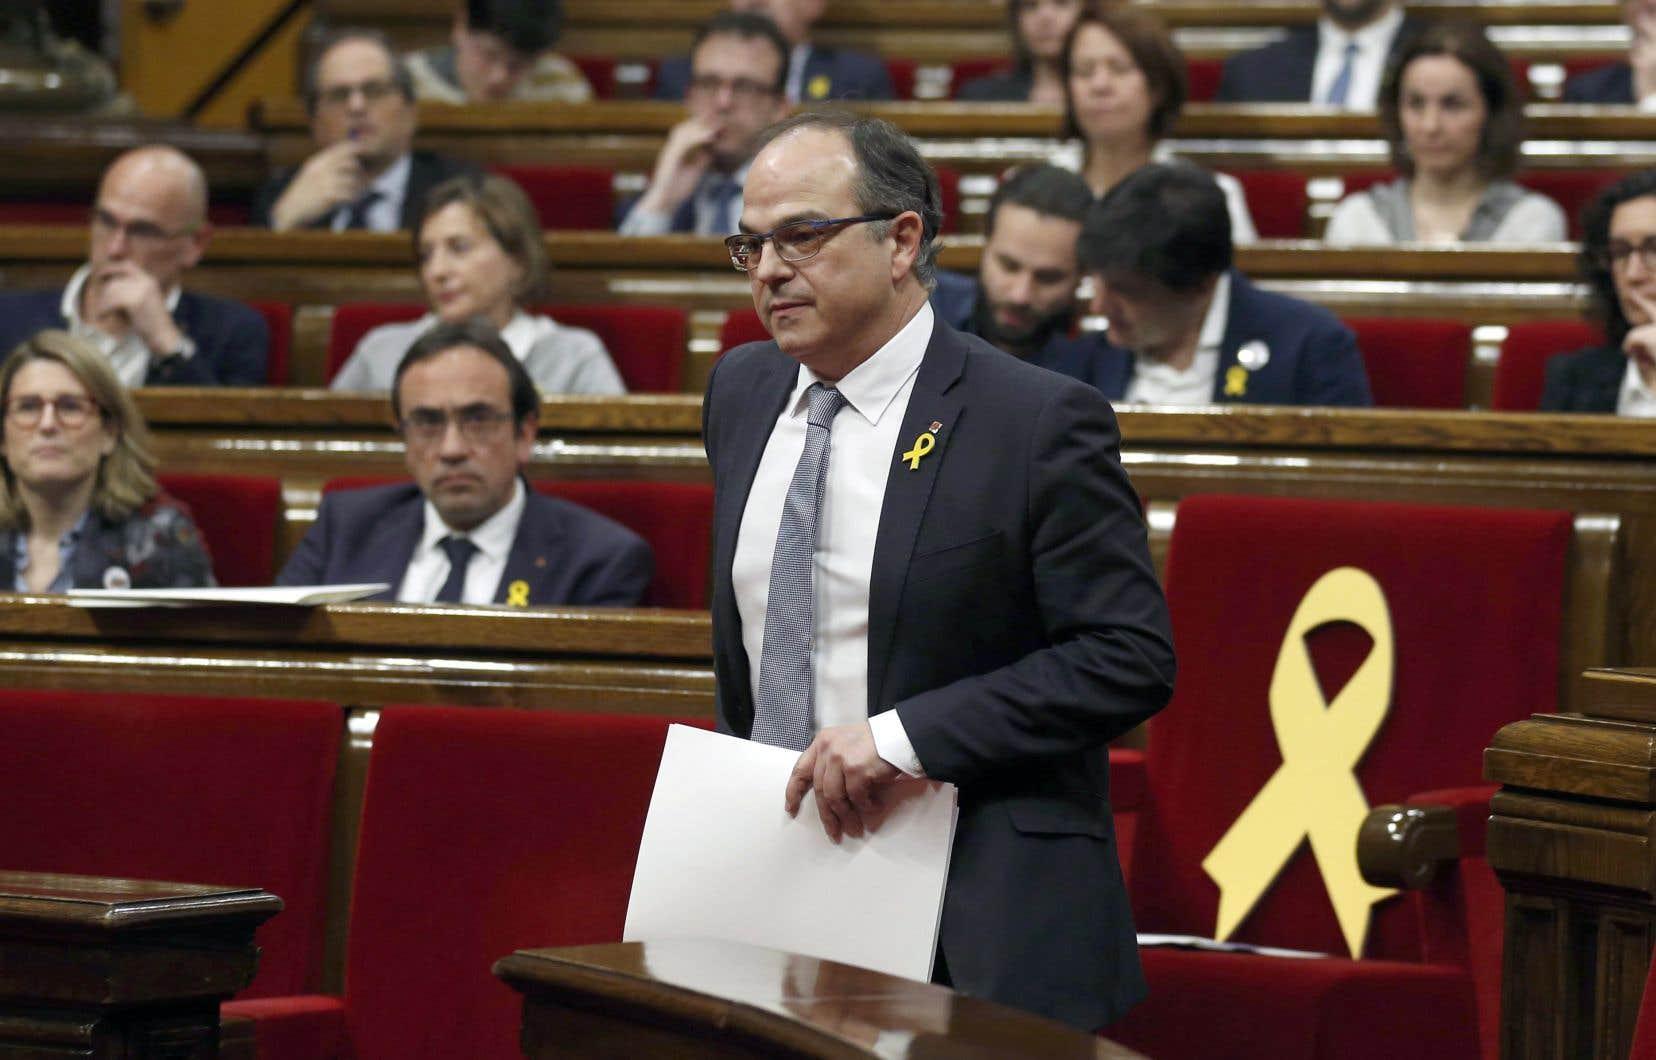 Jordi Turull (sur cette photo), ancien porte-parole du gouvernement de Carles Puigdemont, est le troisième candidat proposé par le président du Parlement régional Roger Torrent.